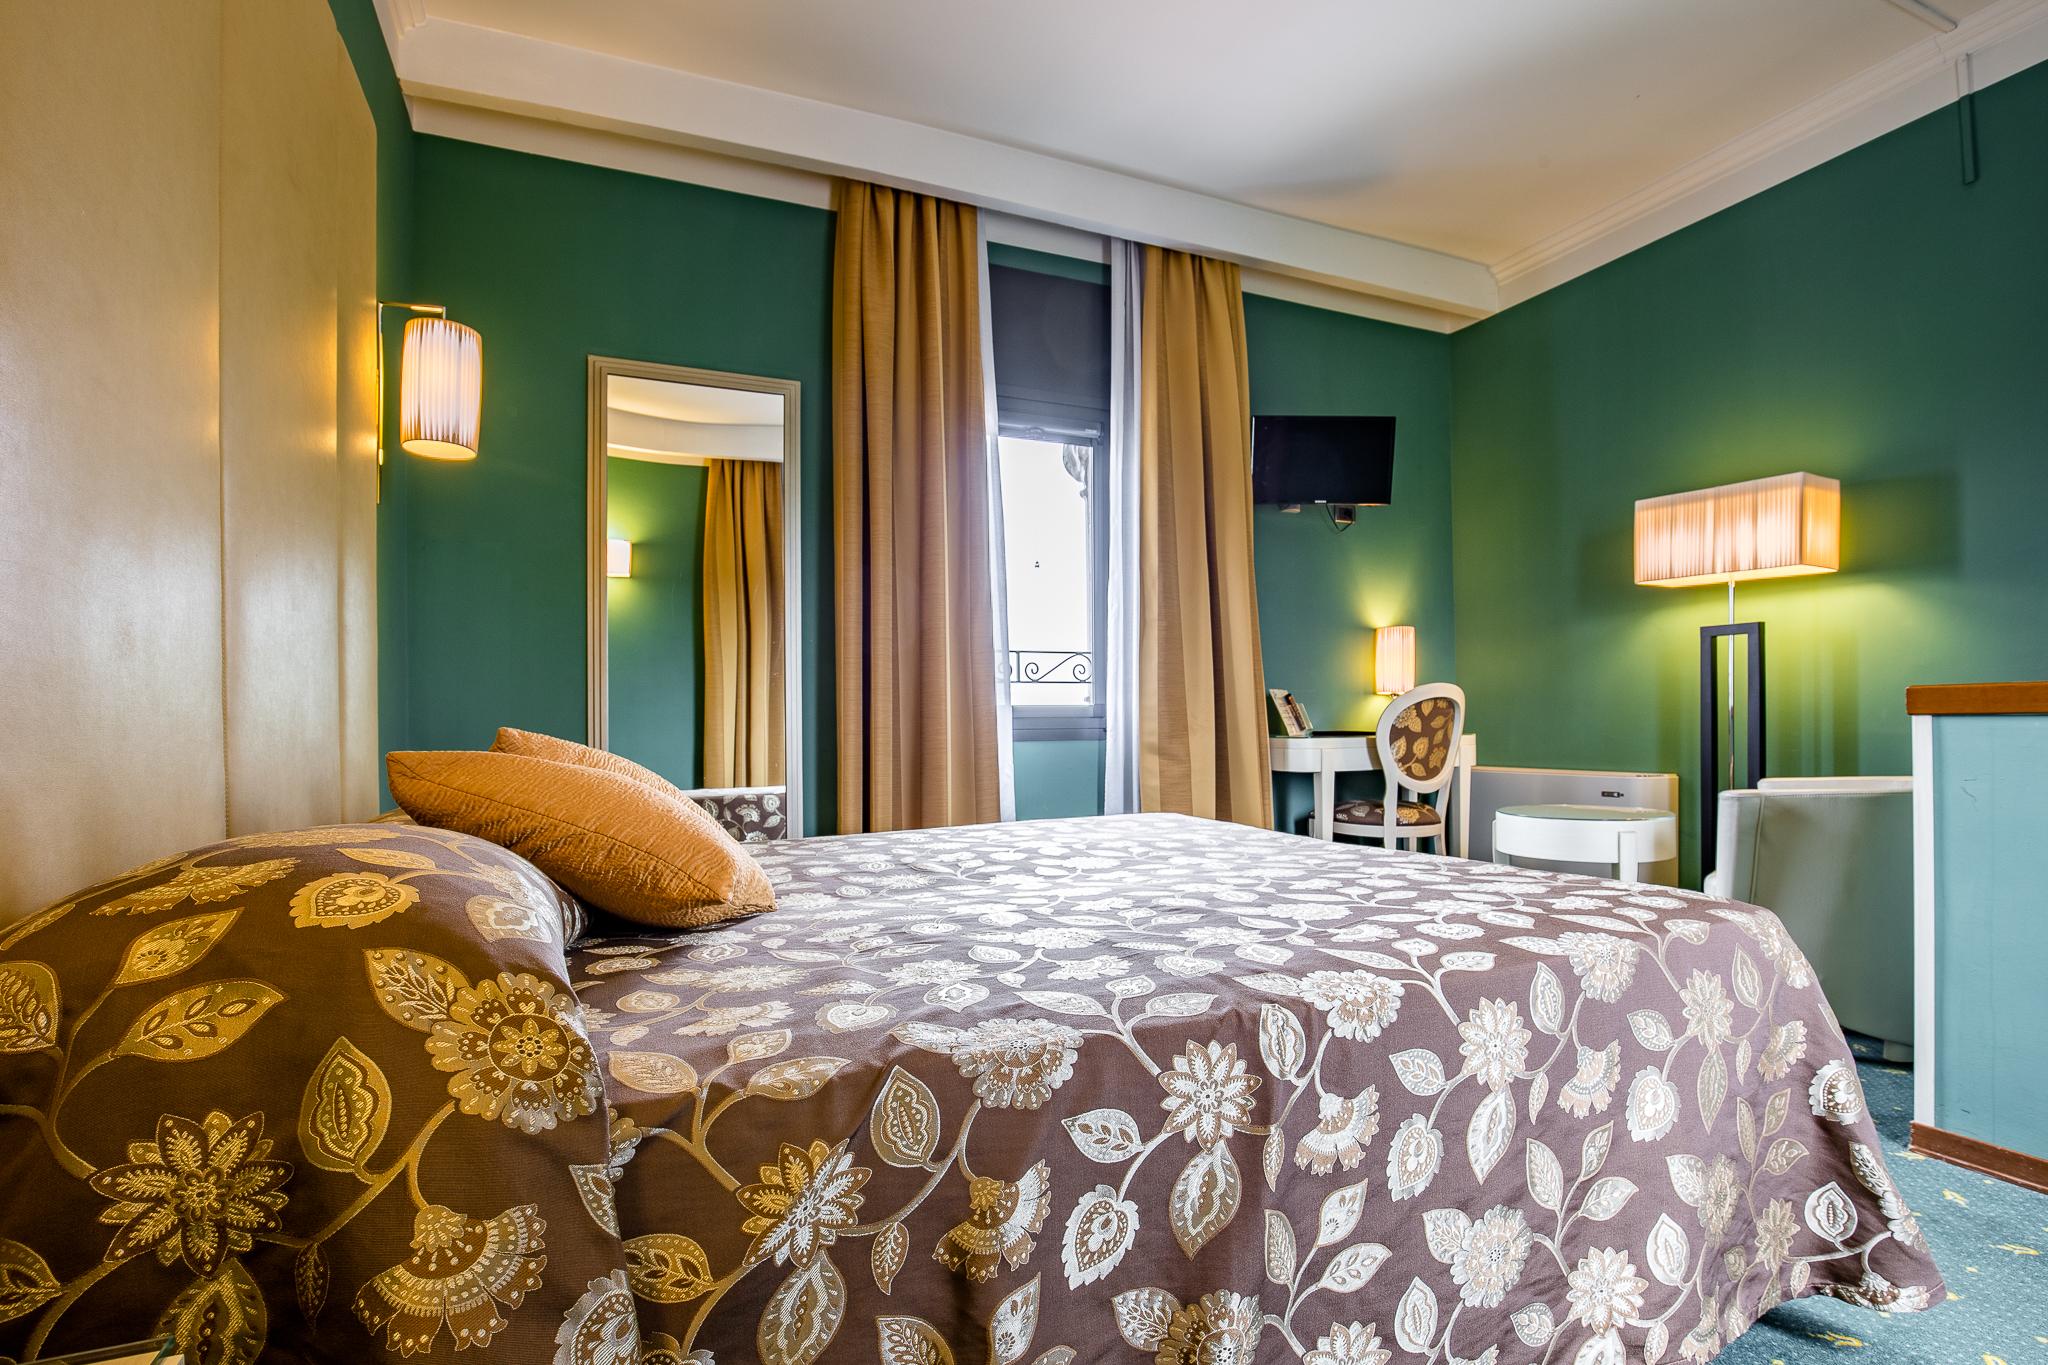 hotel_castello-0279-HDR-132